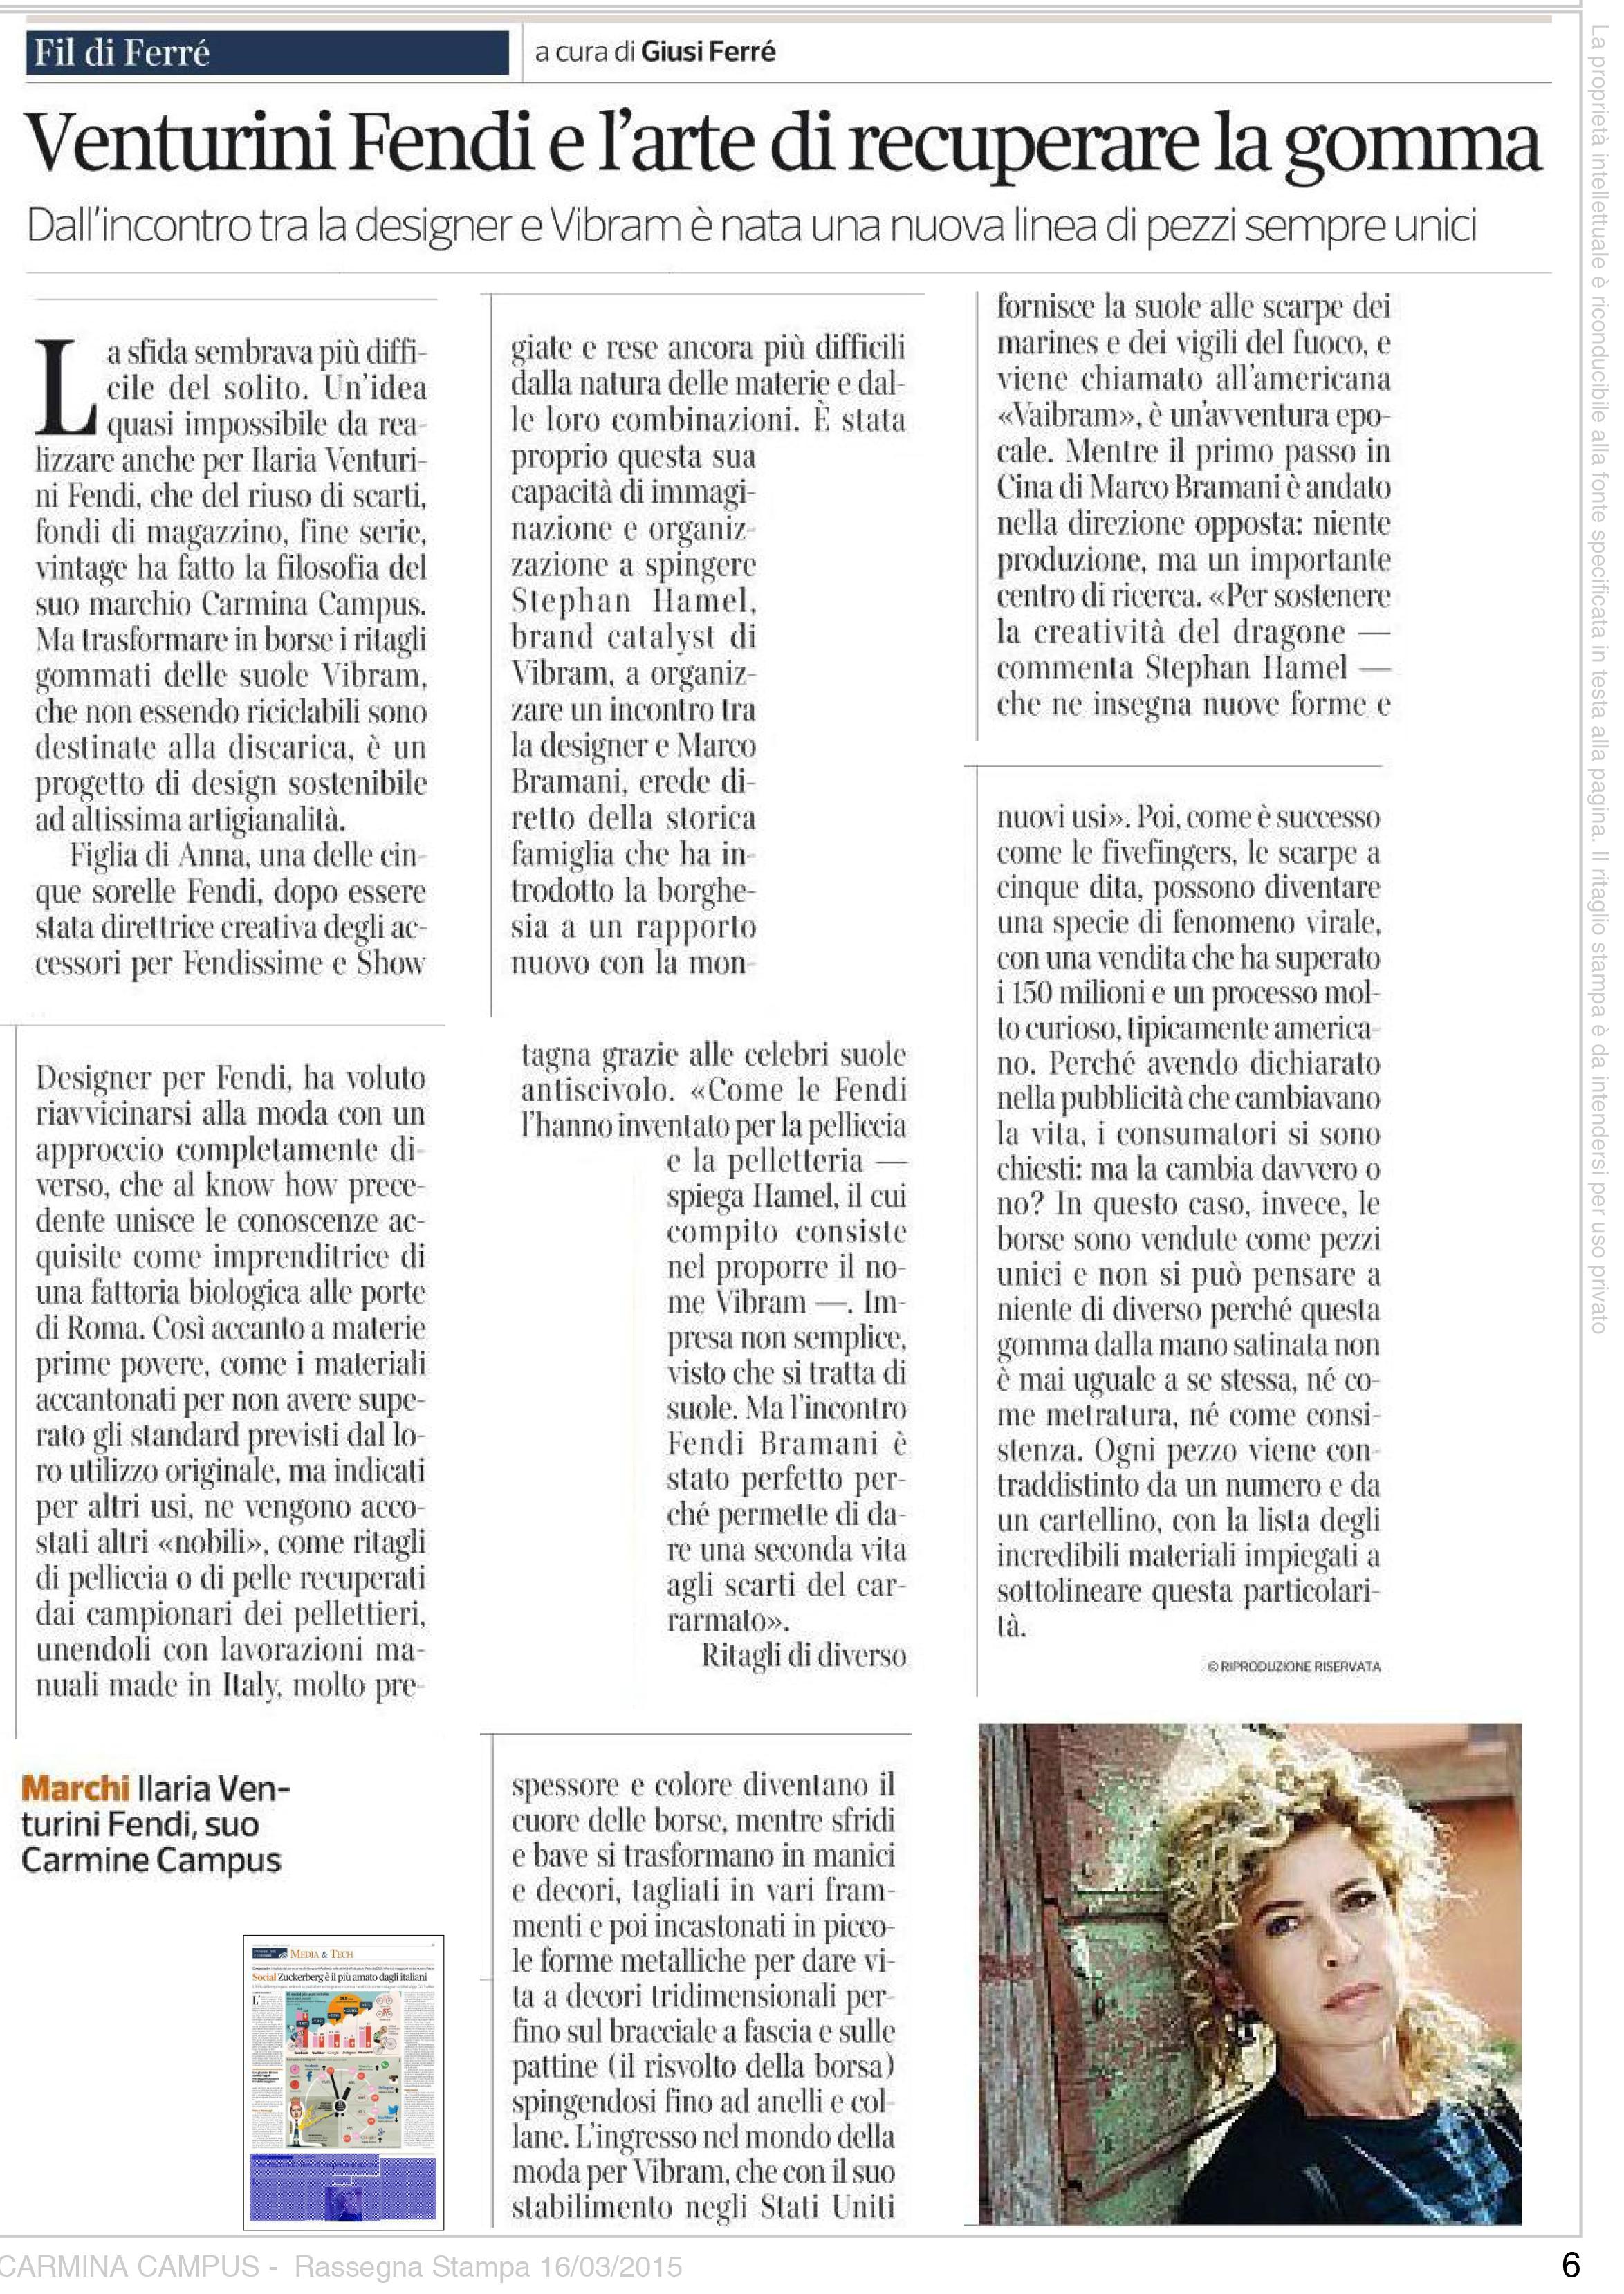 Corriere Economia March 16 2015